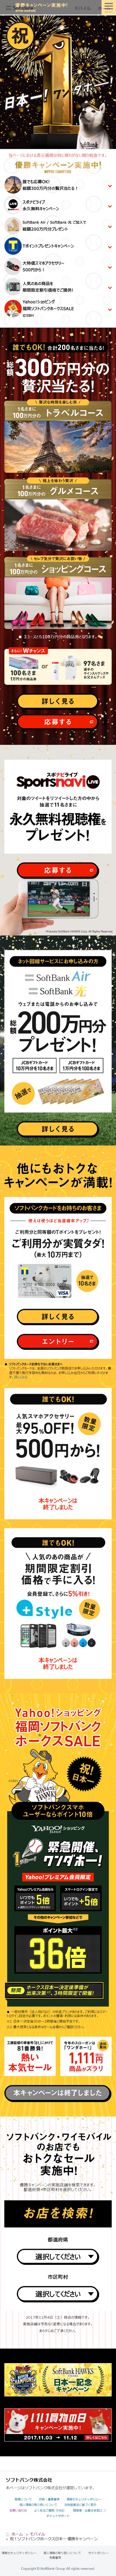 ソフトバンク様の ソフトバンク日本一 優勝キャンペーン のスマホランディングページ Lp かっこいい系 サービス 保険 金融 Lp ランディングページ ランペ ソフトバンク日本一 優勝キャンペーン キャンペーン 金融 Lp デザイン